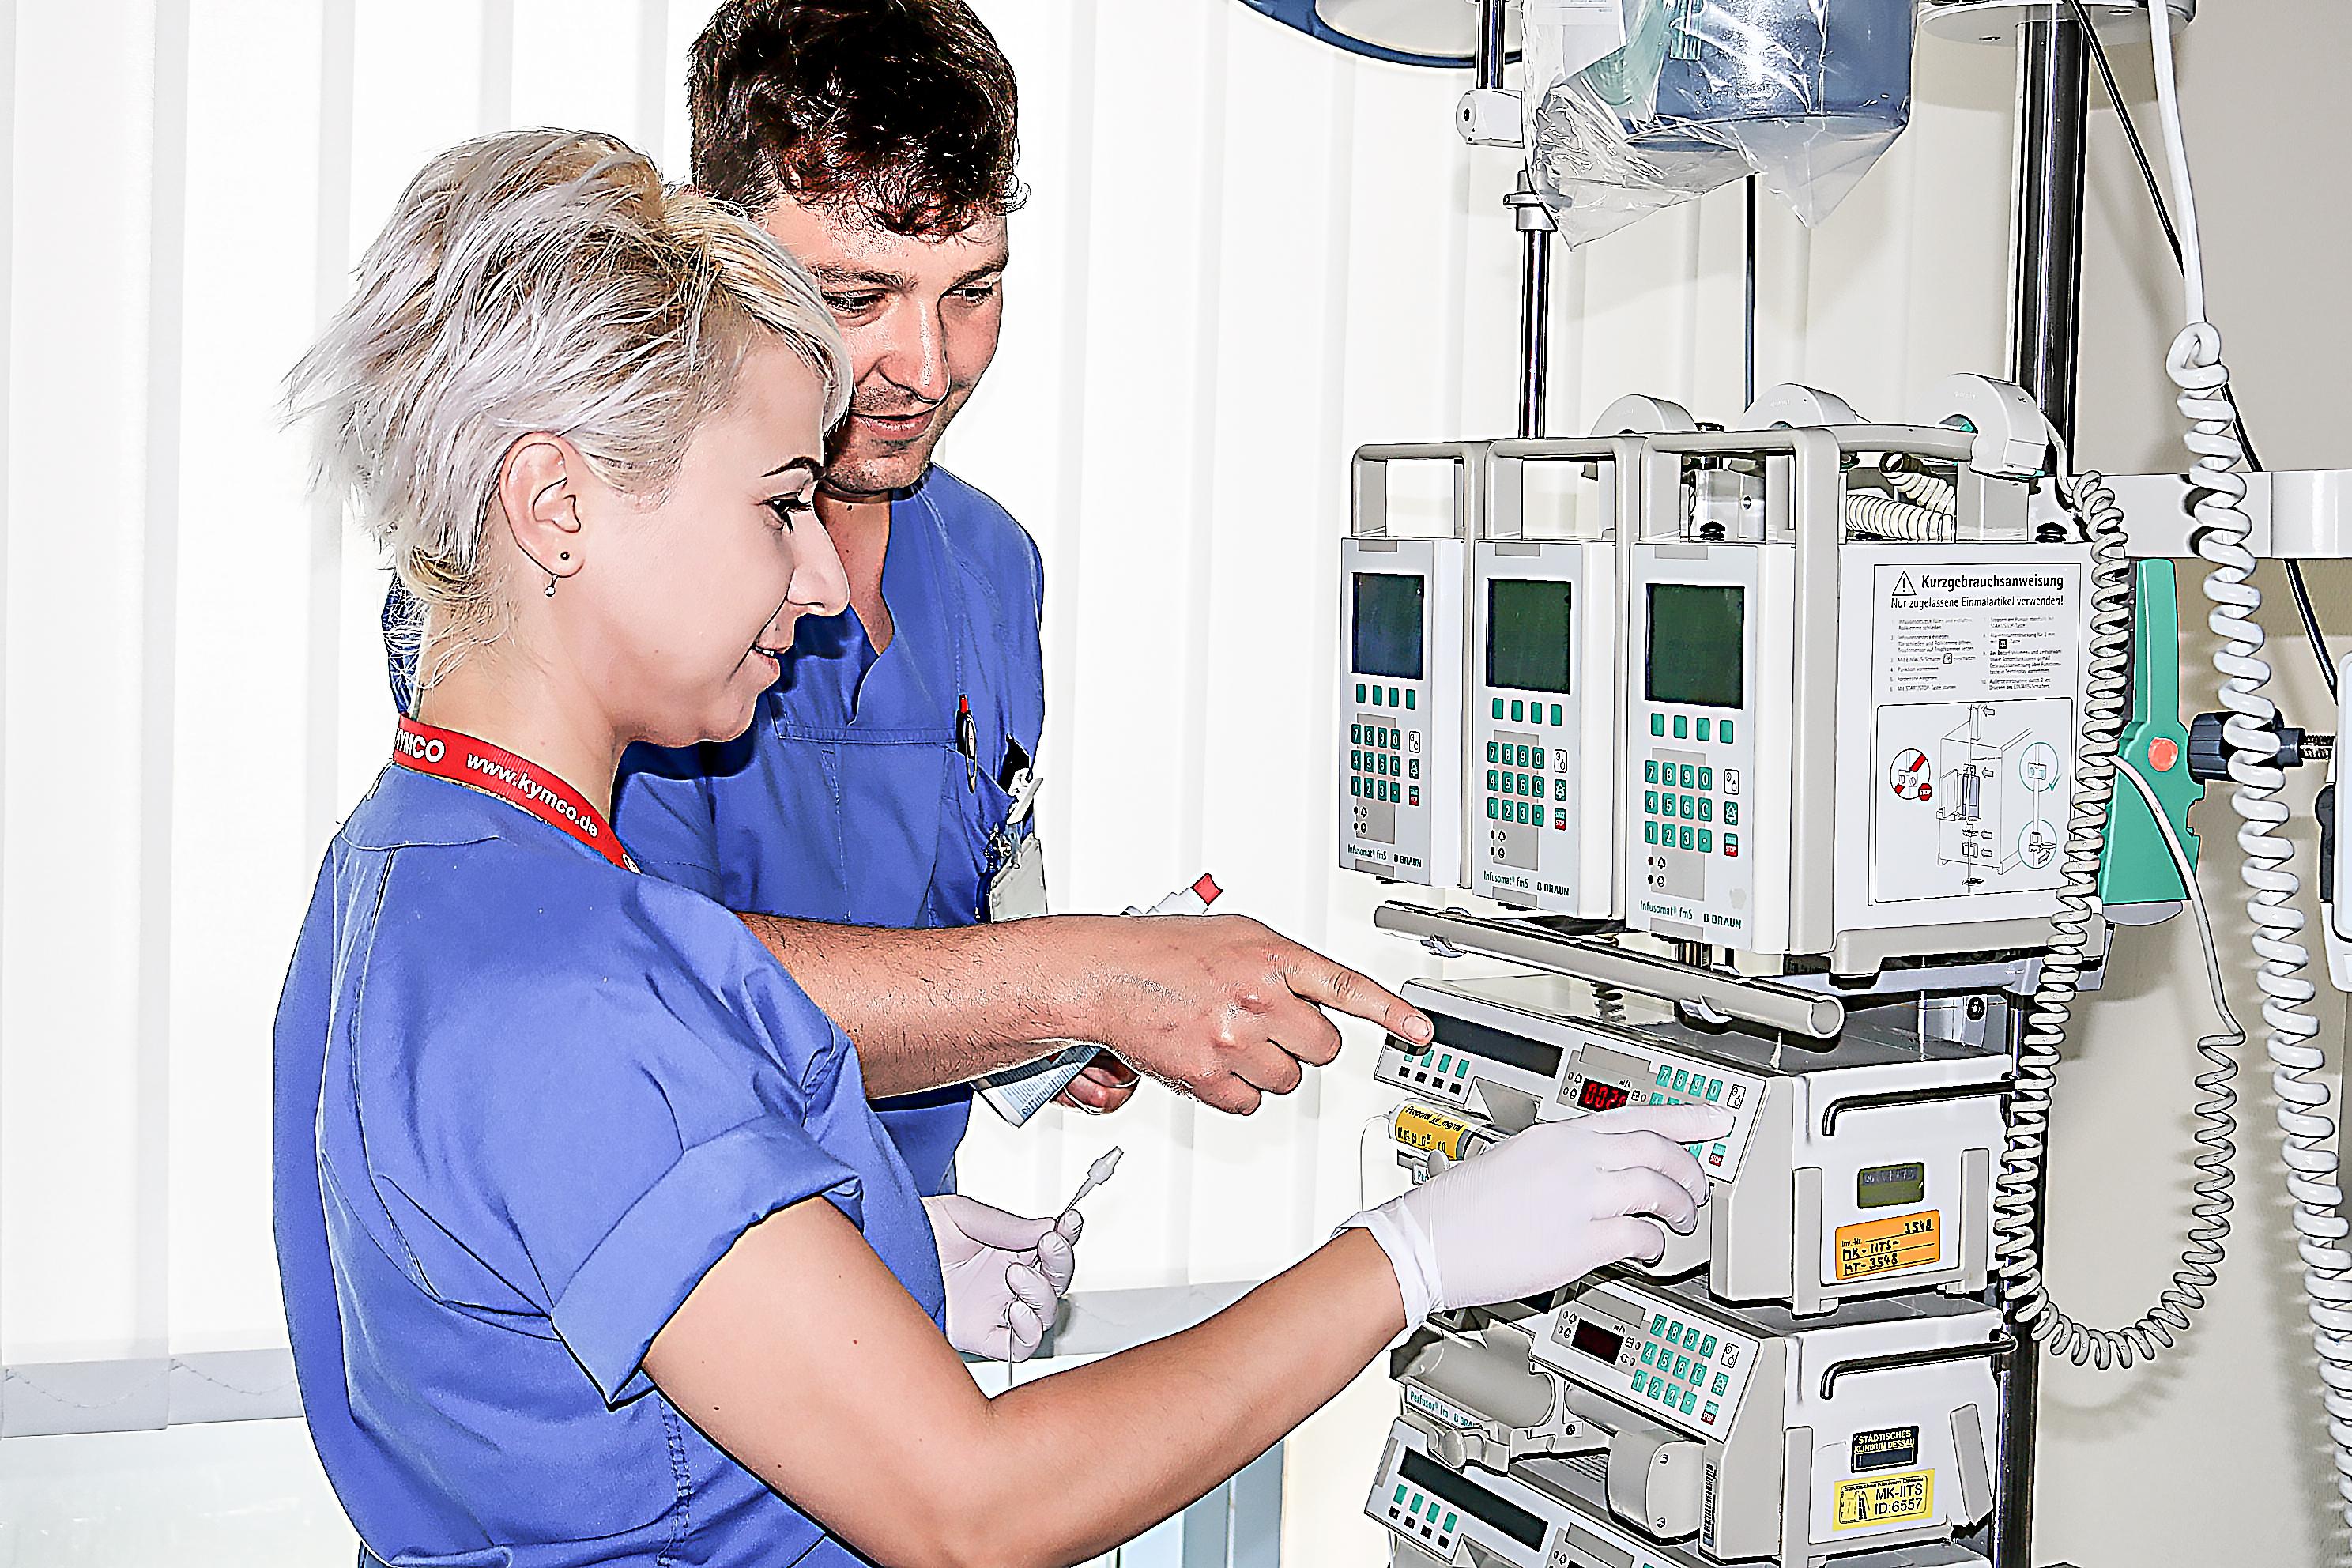 Lehrer Patrick Welzel erklärt Pflegeschülerin Vladyslava Degtiarova die Funktion der Perfusoren, eine Dosierpumpe zur Verabreichung von Medikamenten über den Tropf